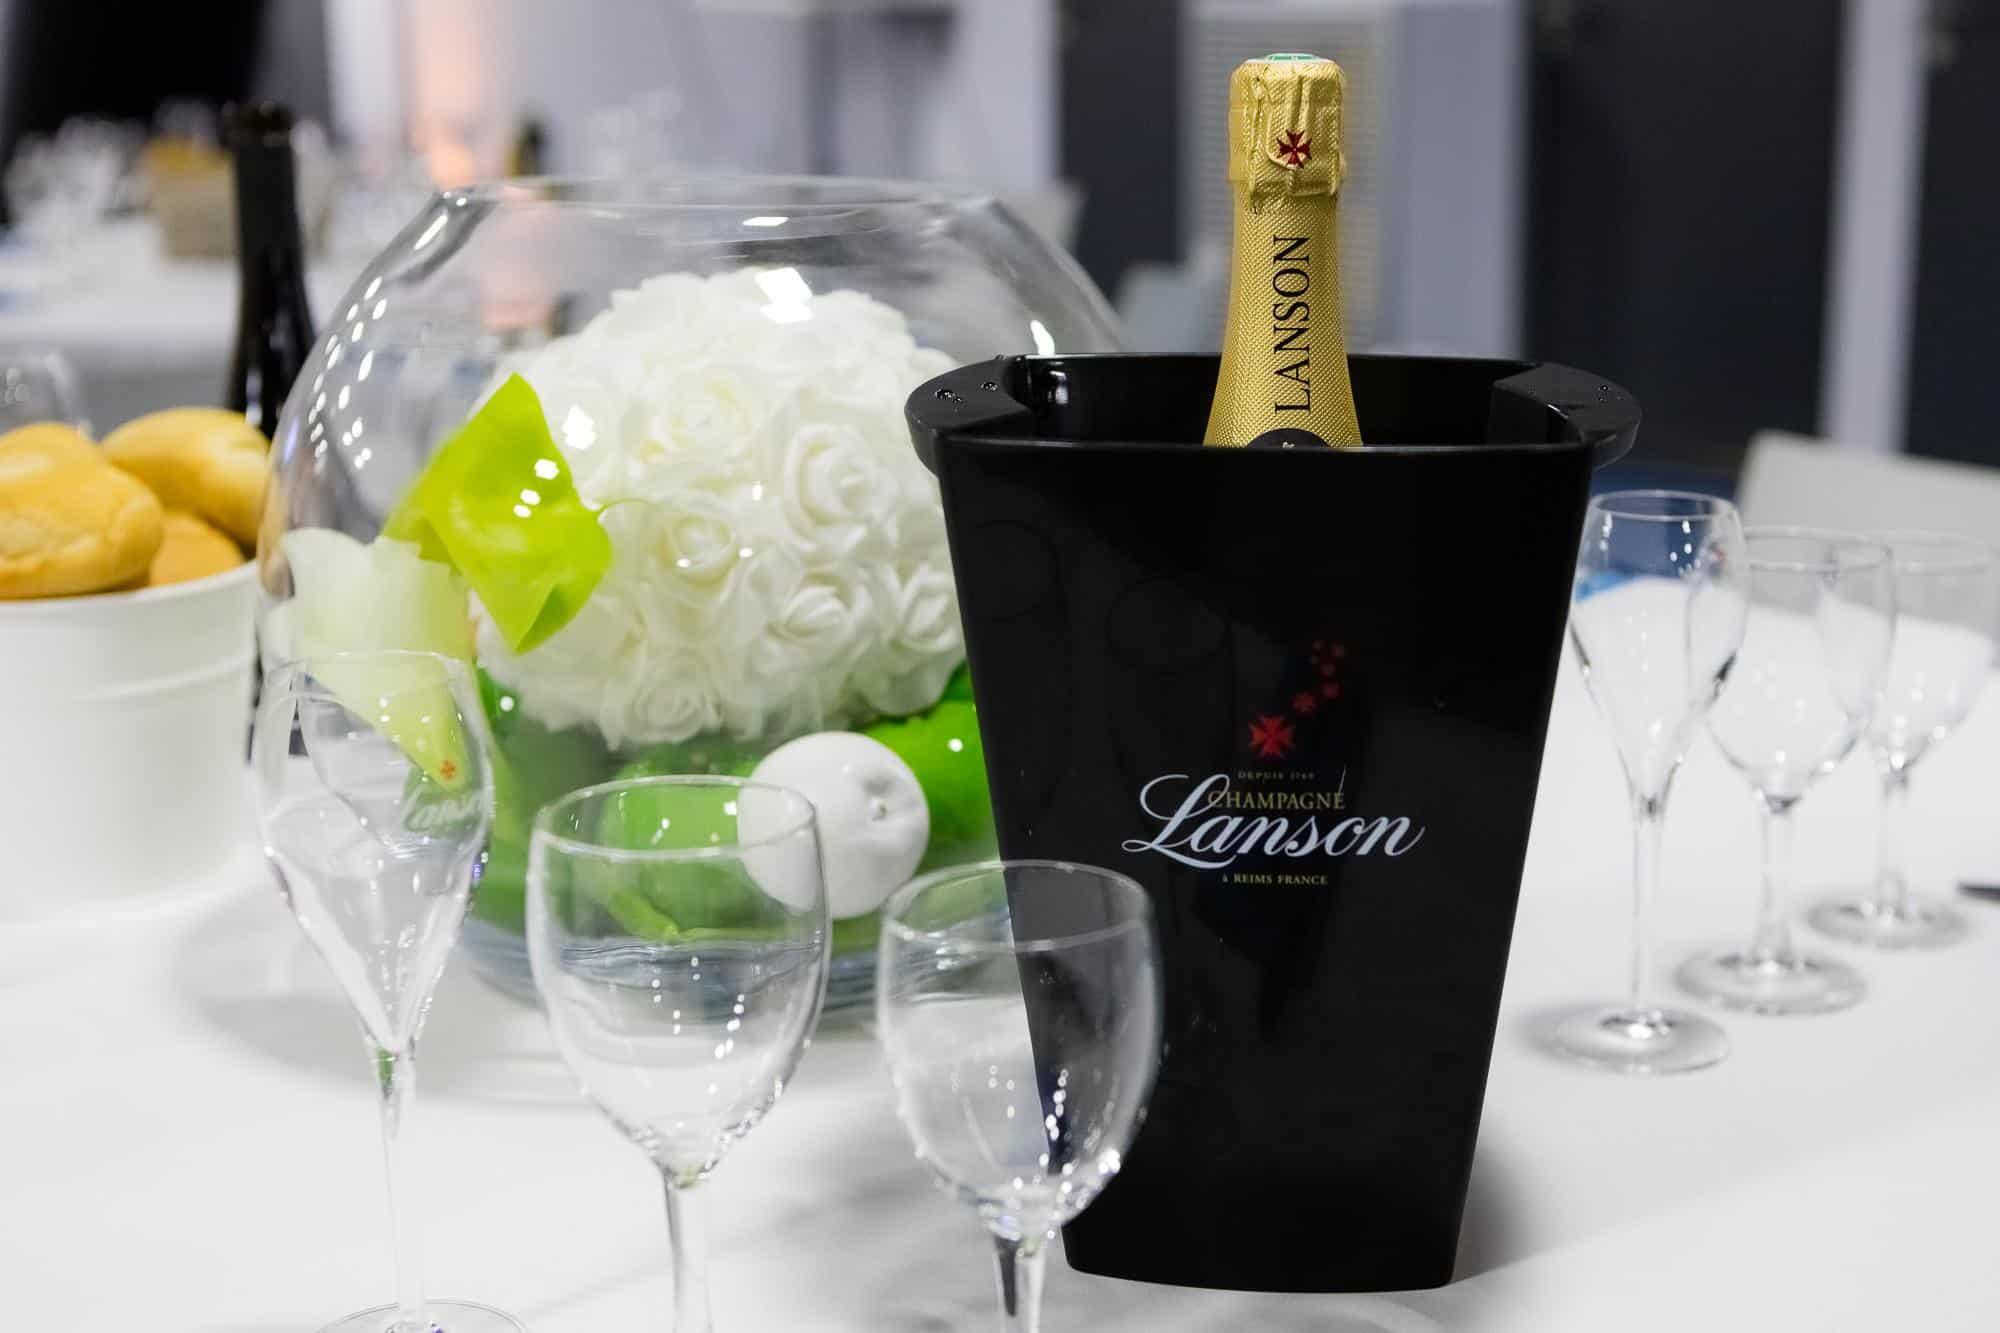 lanson-champagne